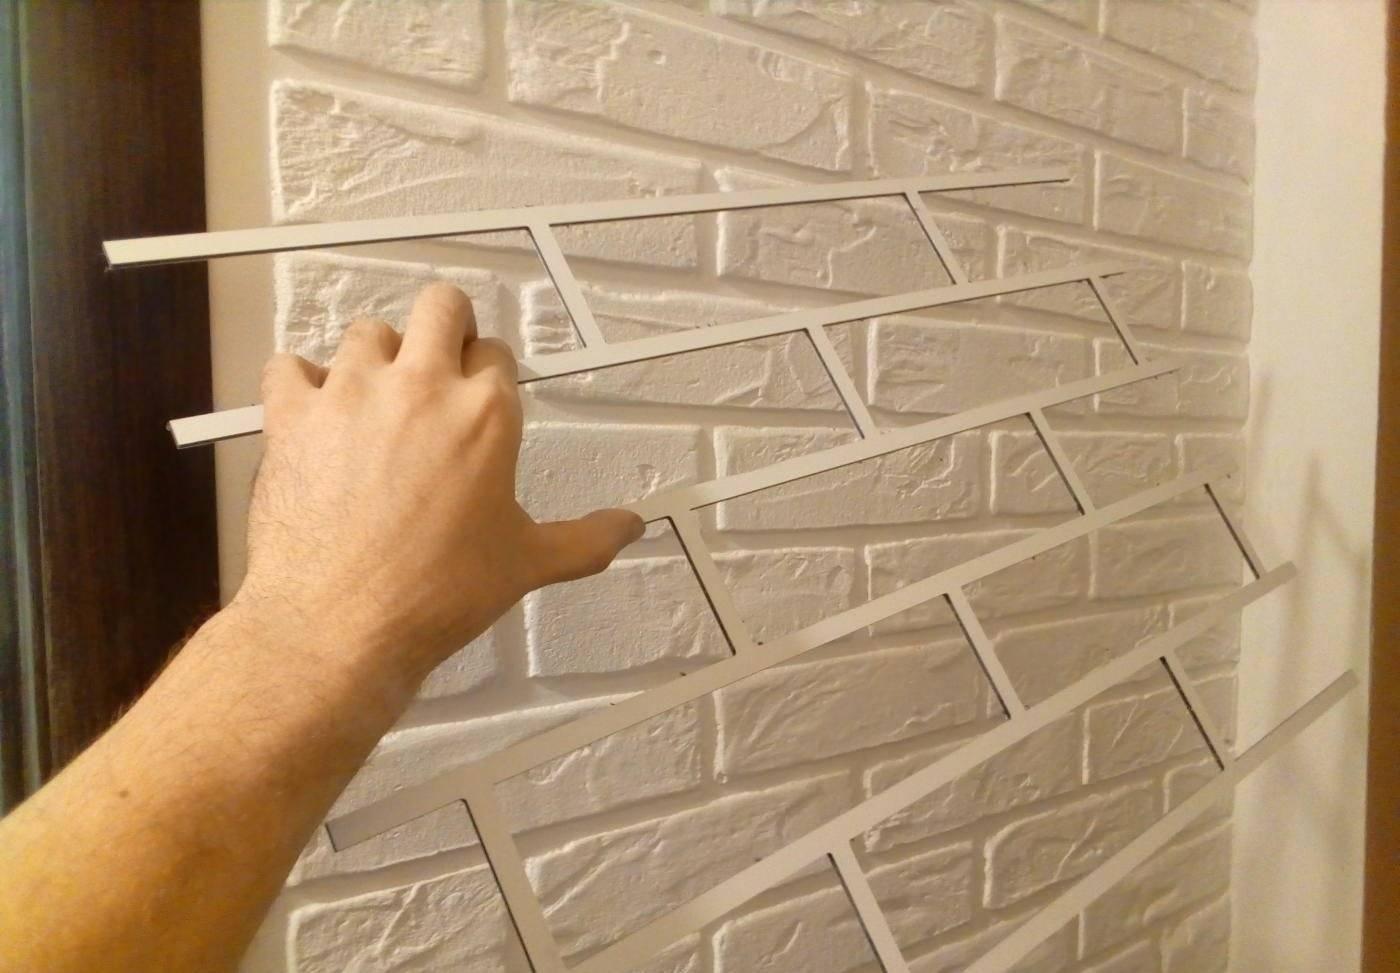 Укладка декоративного кирпича (27 фото): как клеить кирпичную кладку на стену в квартире? как делать монтаж облицовки своими руками?